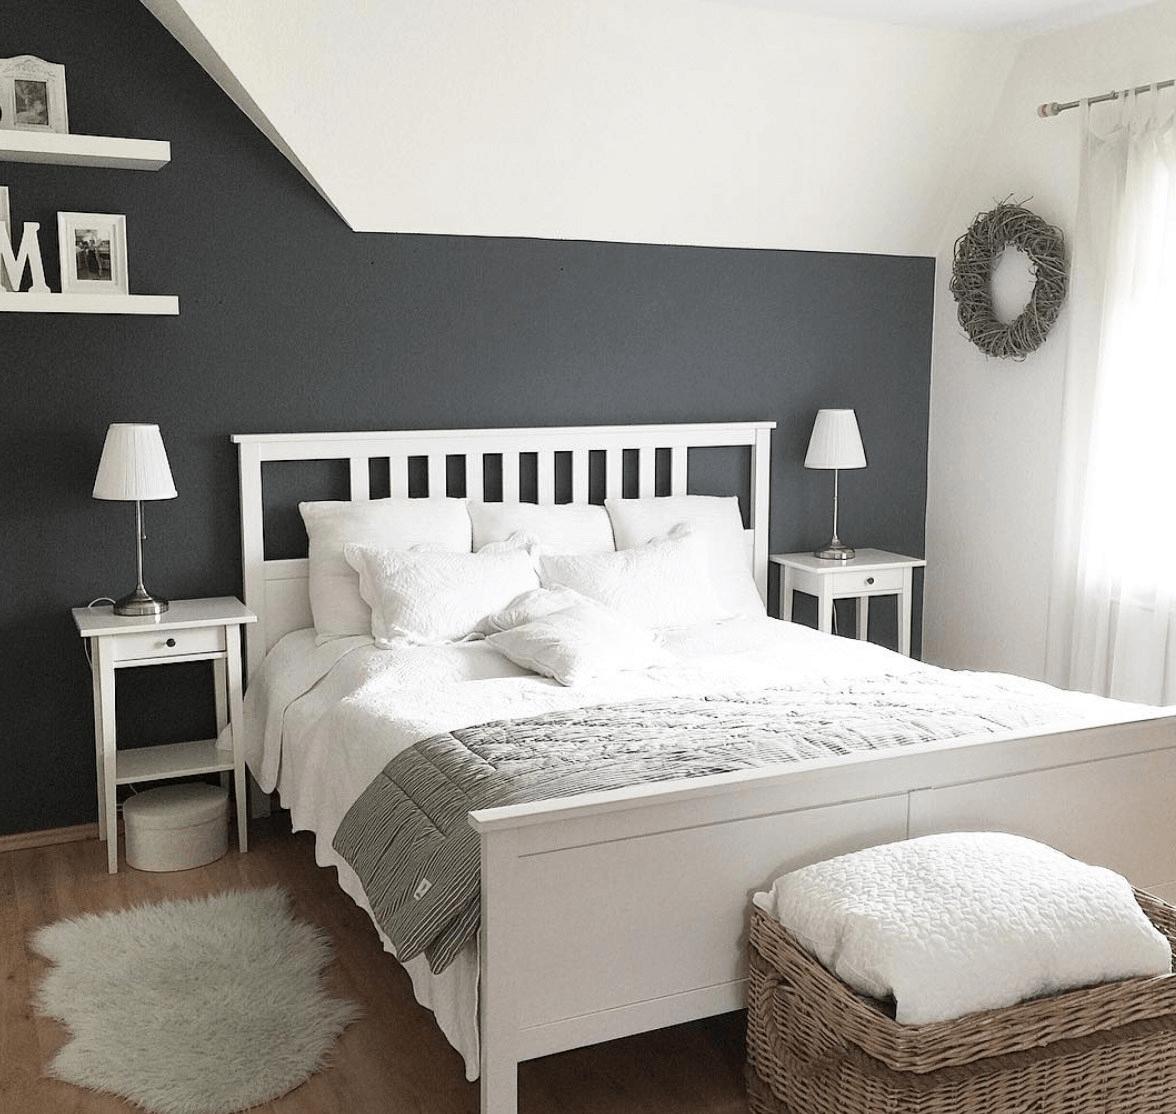 Wandgestaltung Schlafzimmer Grau Weiß